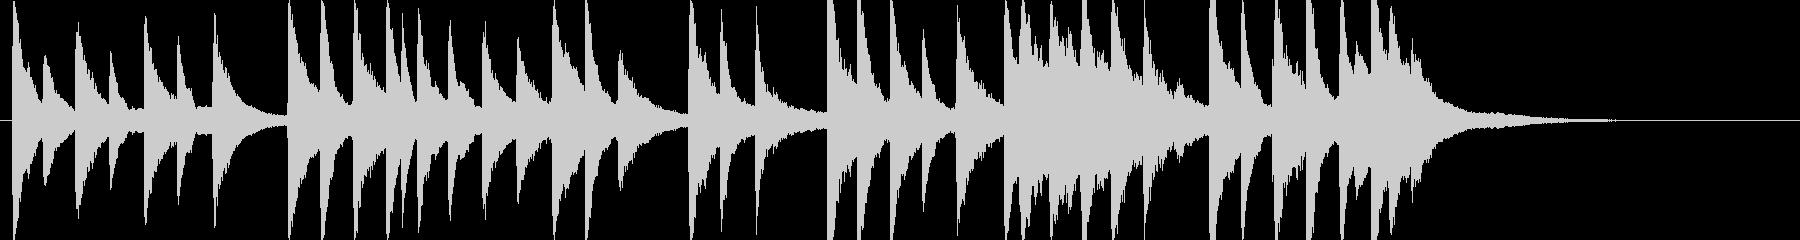 「君が代」の幻想的なピアノソロの未再生の波形